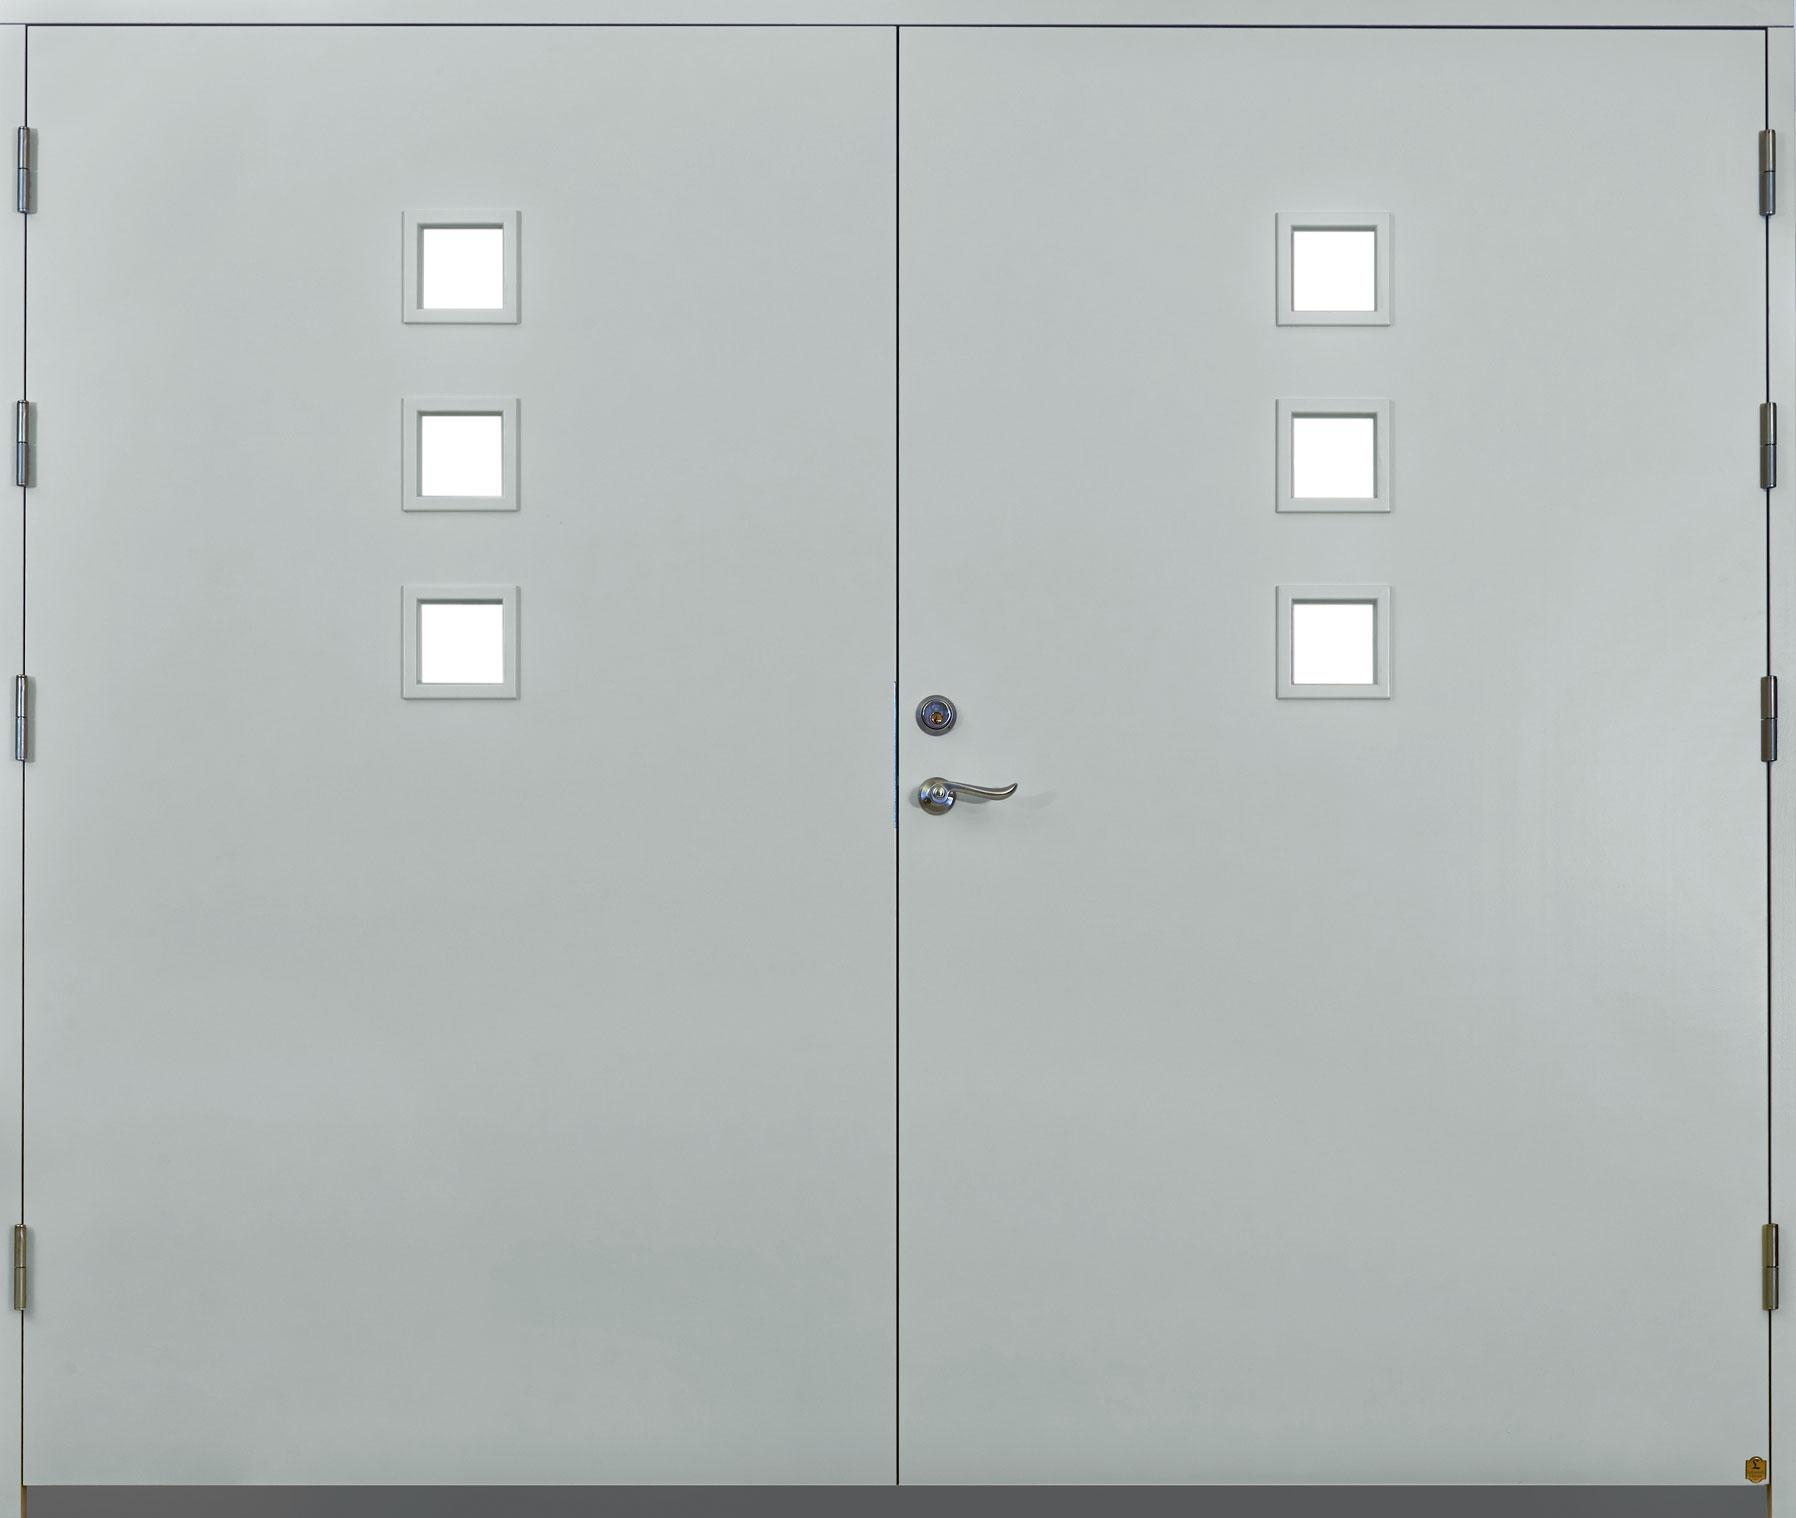 1518 #5D4F34 Garage Doors Leksandsdörren AB save image Ab Garage Doors 36471796